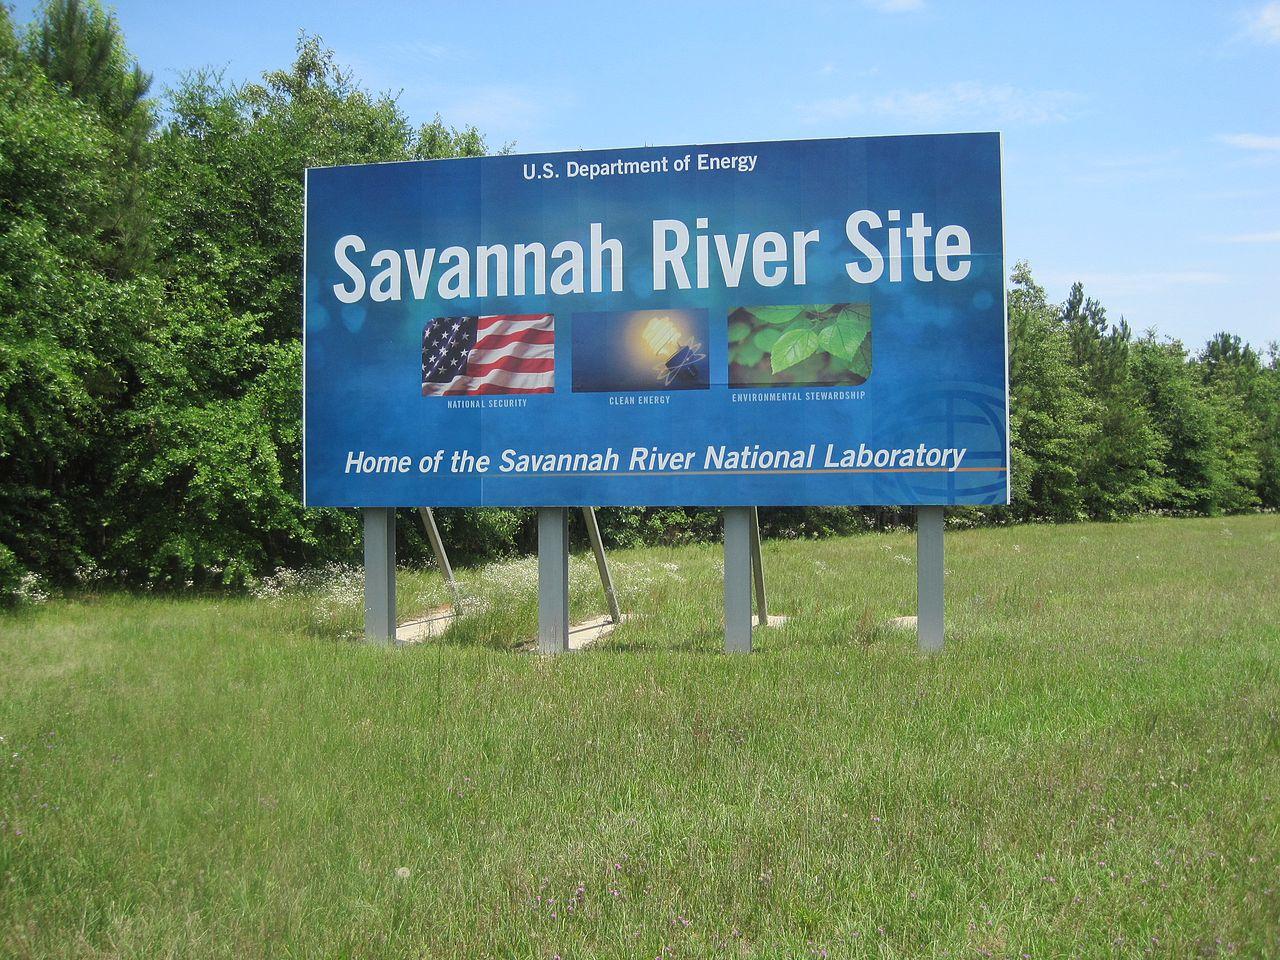 Savannah River Site_1528460420397.jpg.jpg